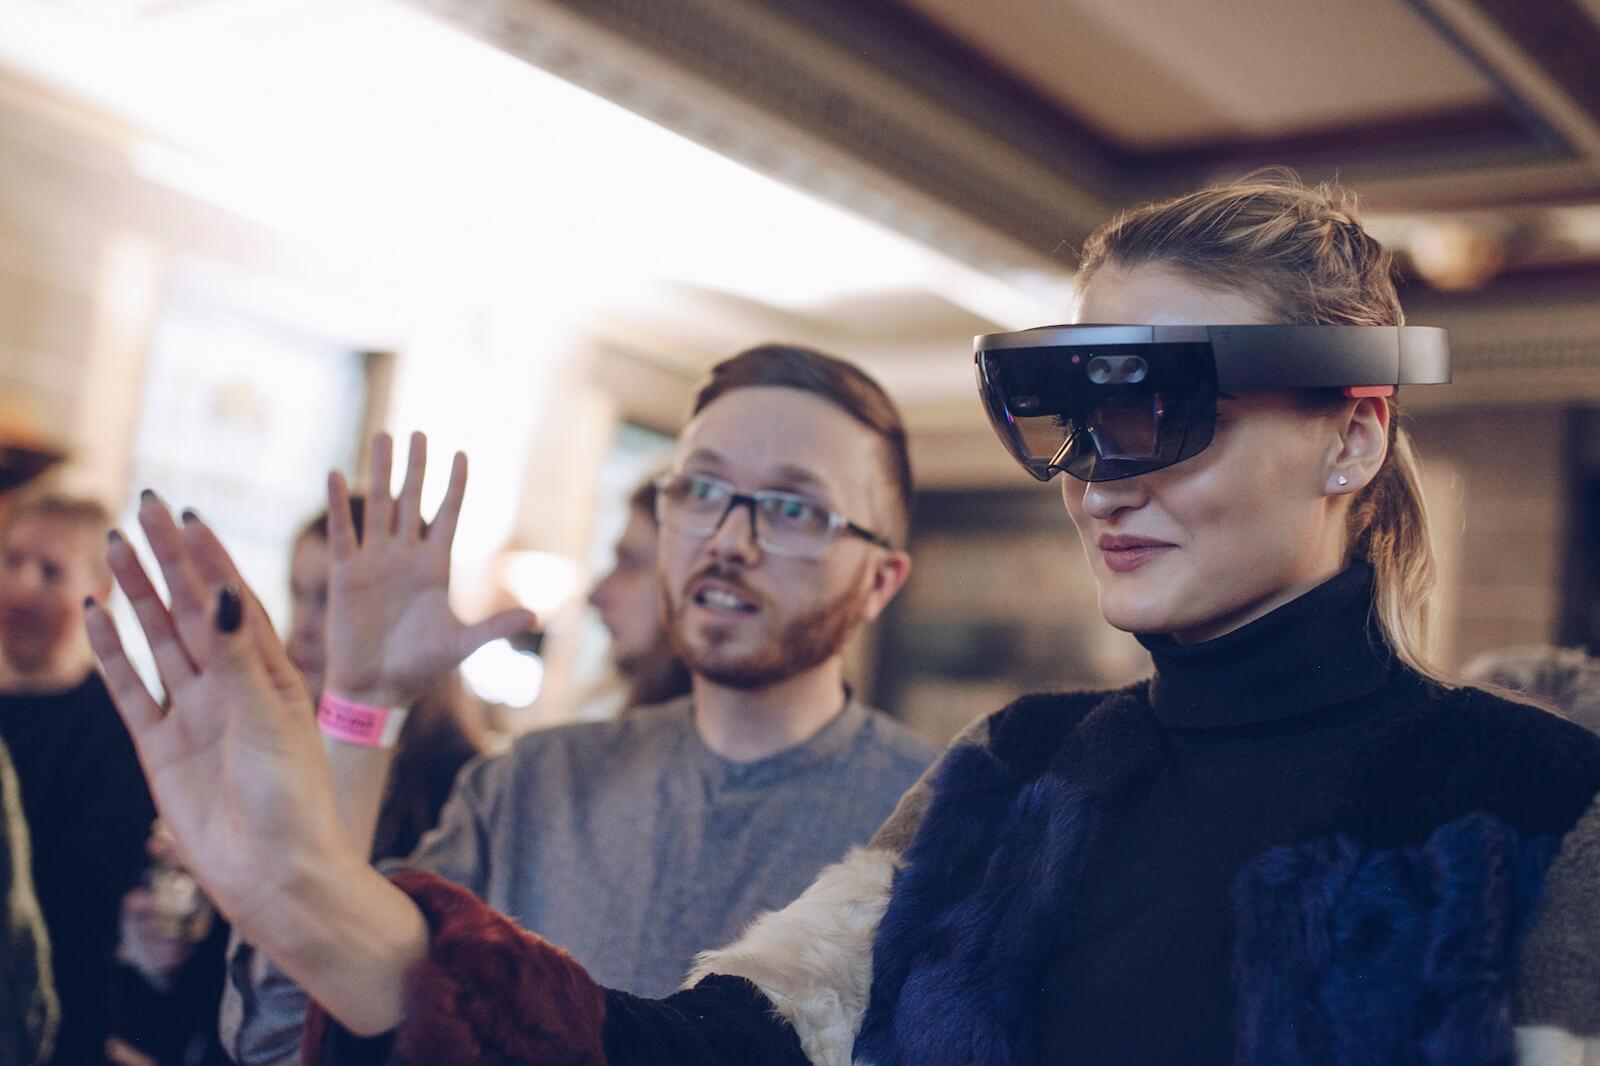 Microsoft ve KPMG, Moda Sektörünün Geleceğine Yön Vermek İçin Güçlerini Birleştirdi